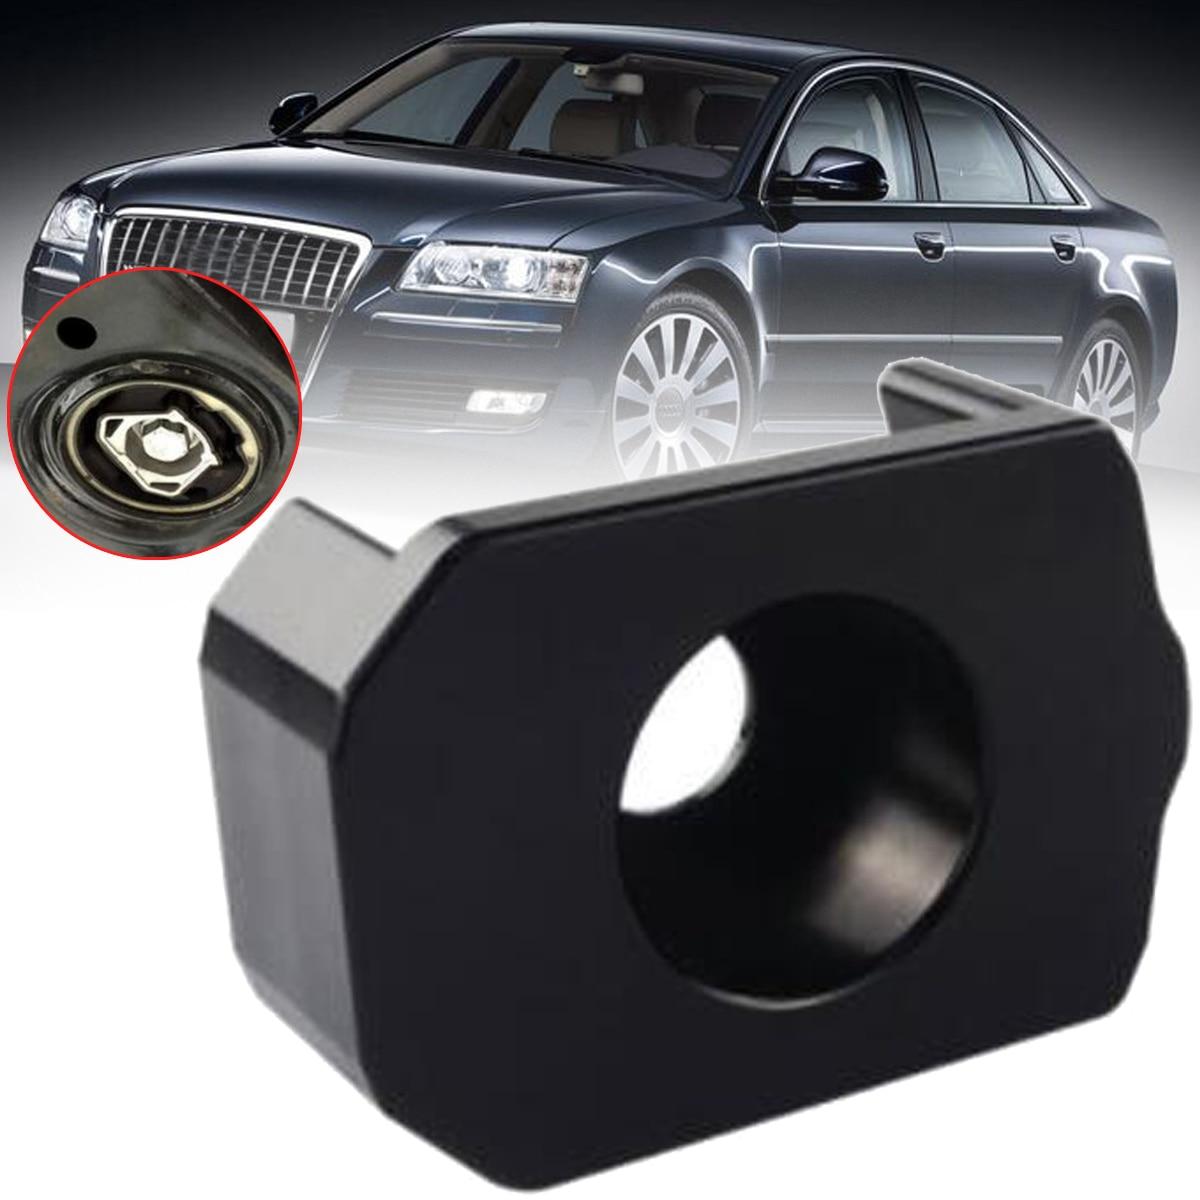 Auto Billet Aluminium MQB Hund Knochen Dogbone Montieren Einsatz Passt Für VW Volkswagen Mk7 Golf/GTI/R 8 v Für Audi A3/S3/RS3 TT/TTS/TTRS